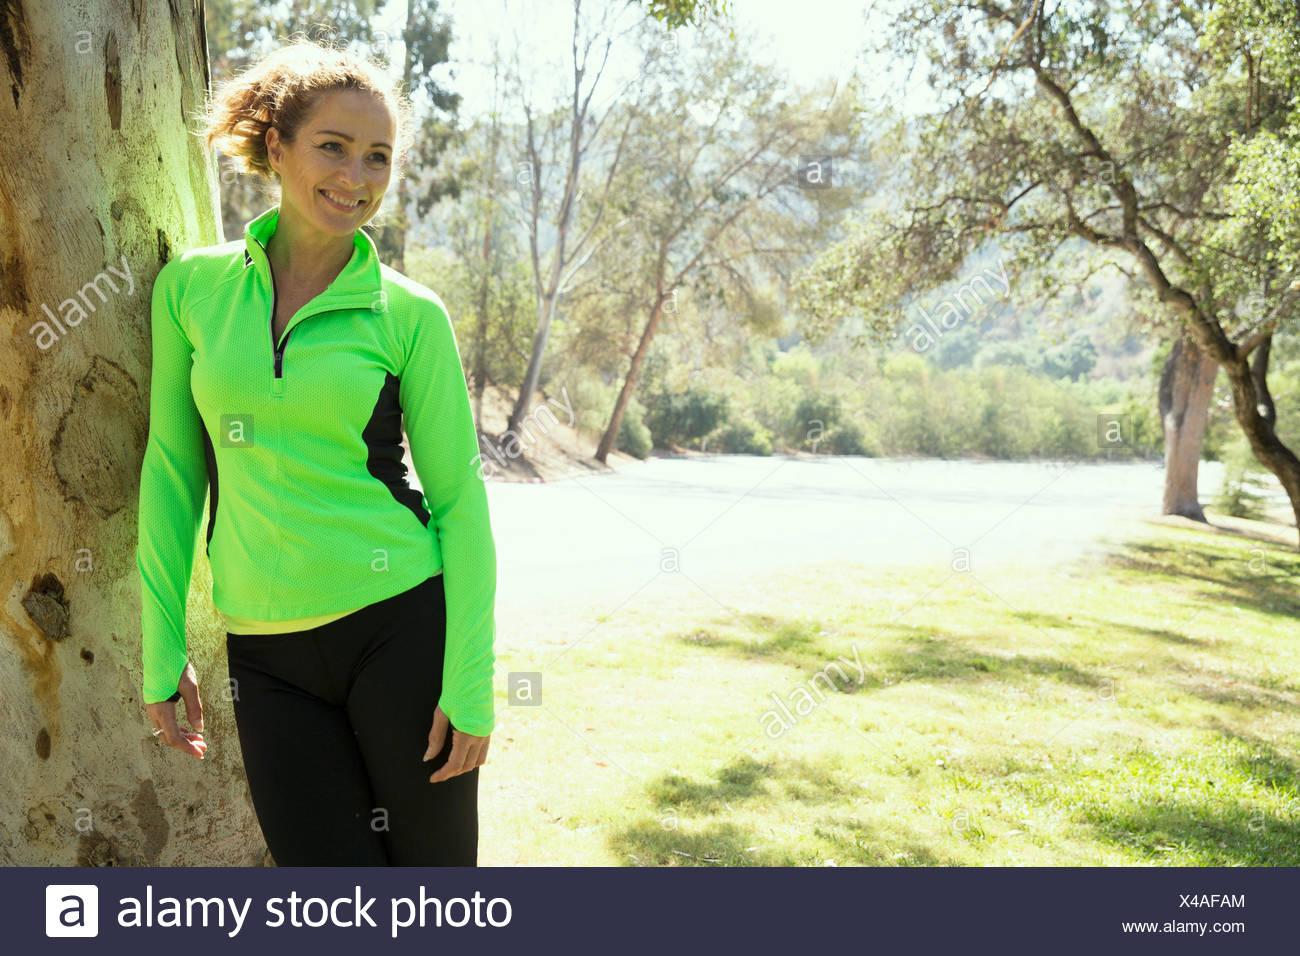 Ritratto di femmina matura runner appoggiato contro il tronco di albero in posizione di parcheggio Immagini Stock